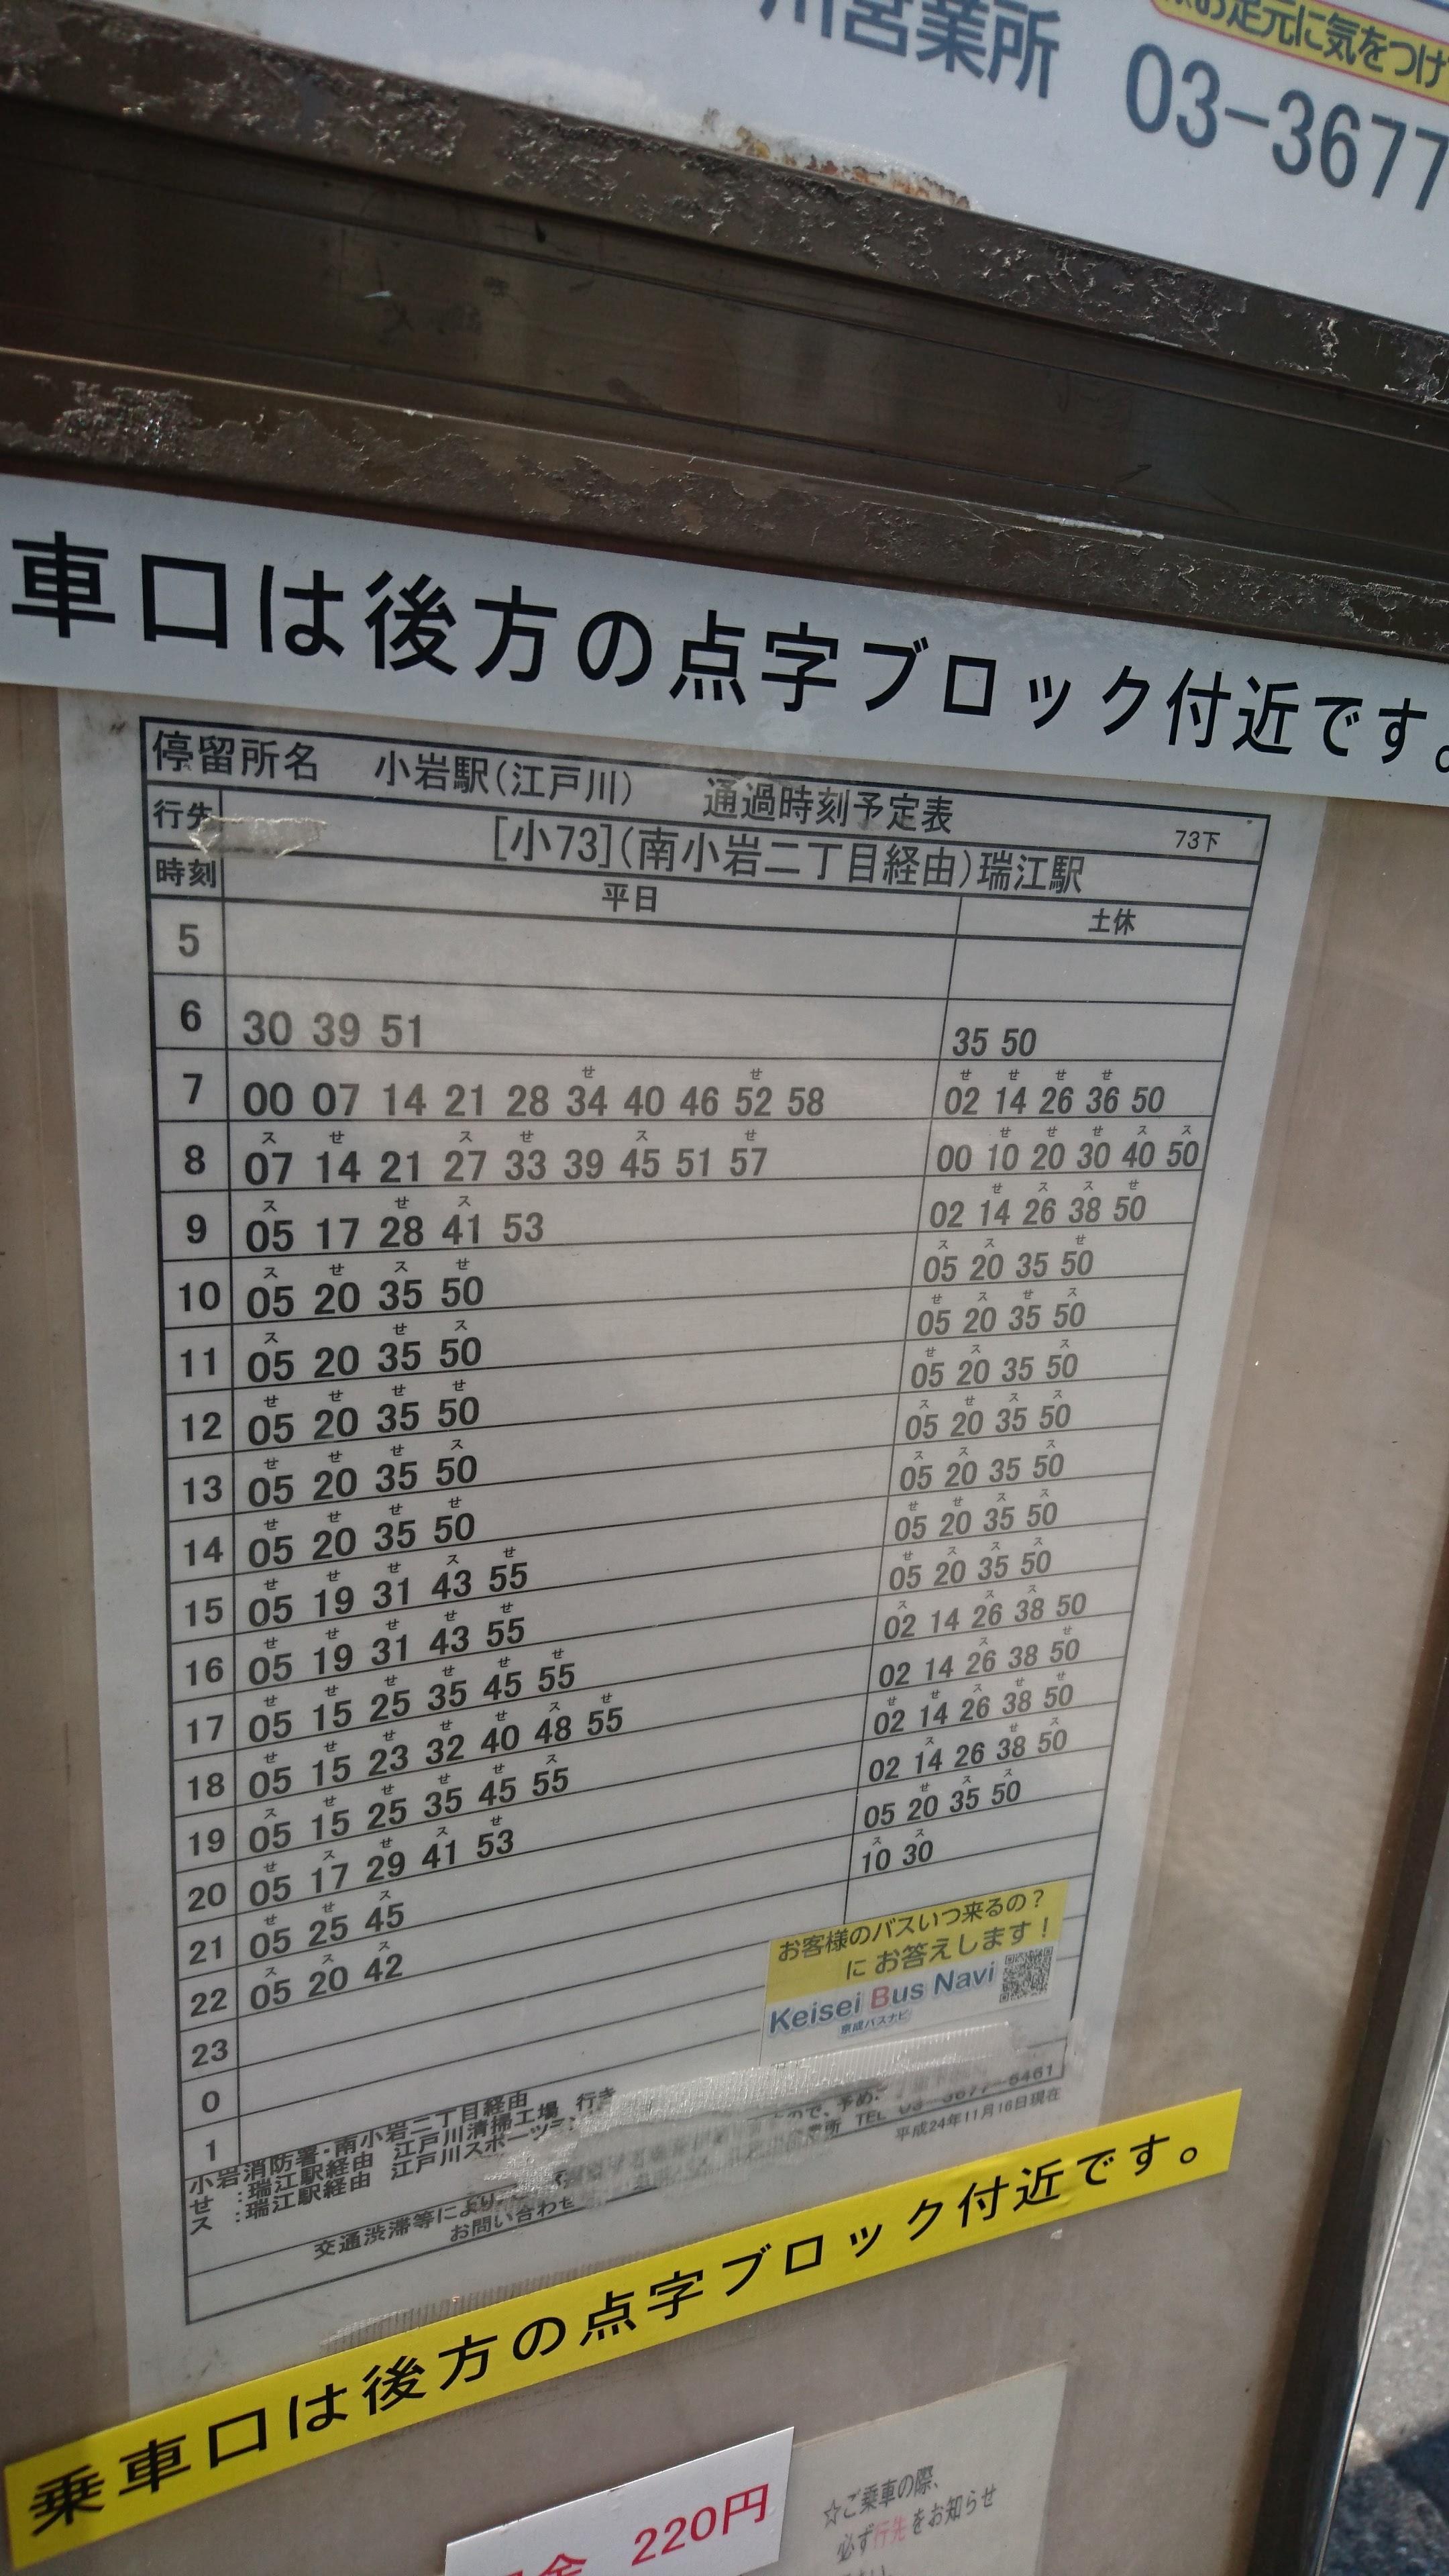 中華そば亜熱帯@江戸川区東小岩1へ向かうバス時刻表